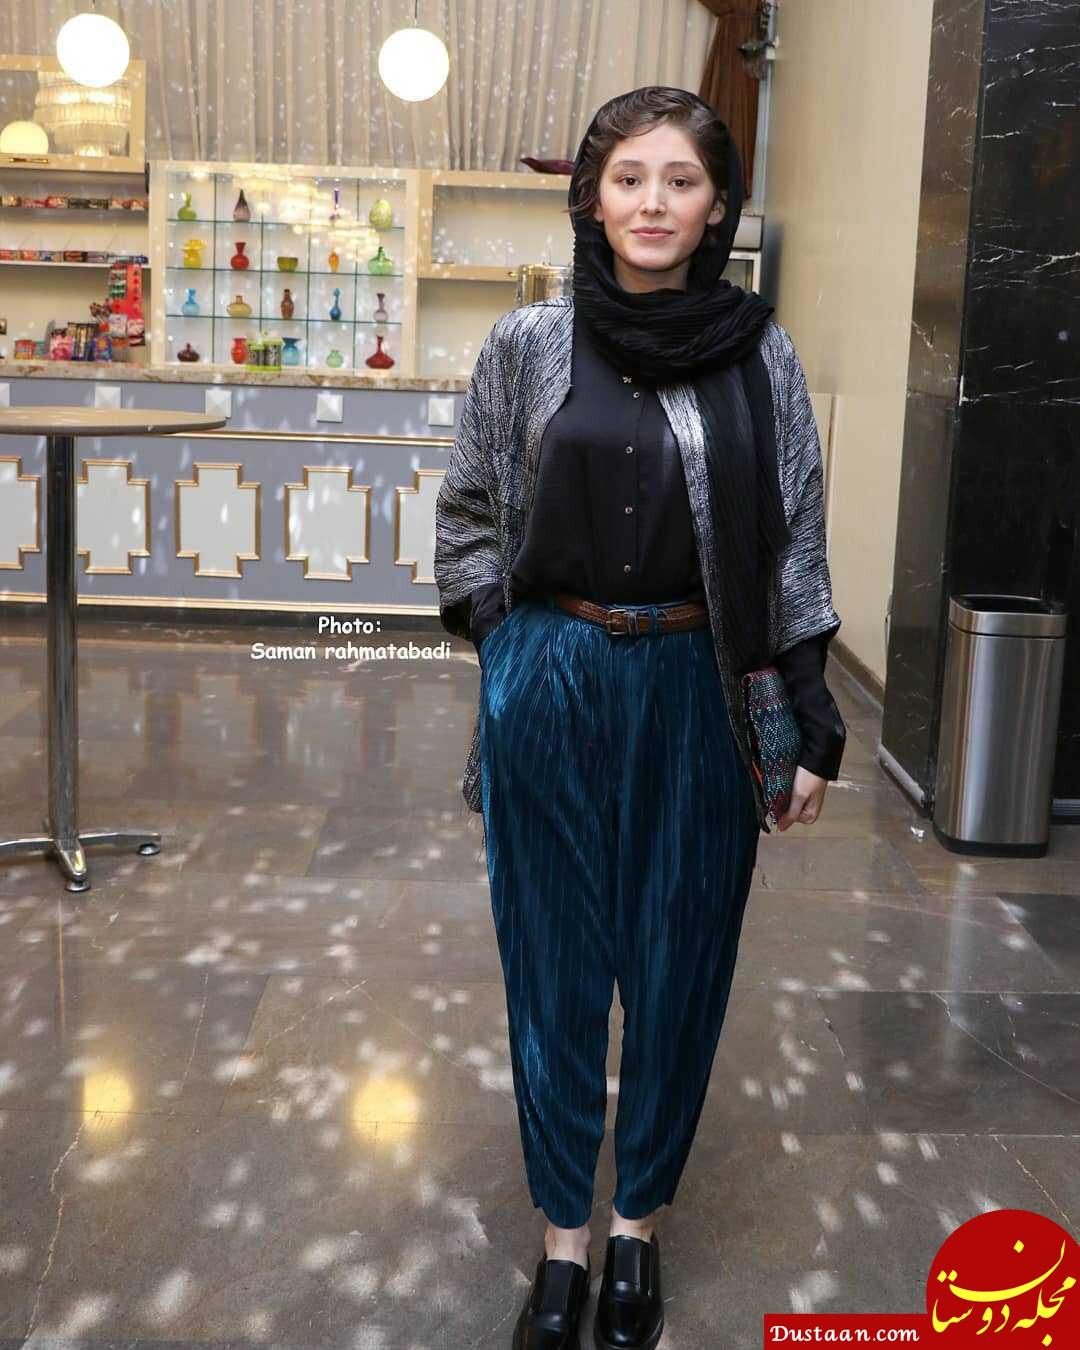 تیپ عجیب و غریب فرشته حسینی در جشنواره فیلم فجر +عکس